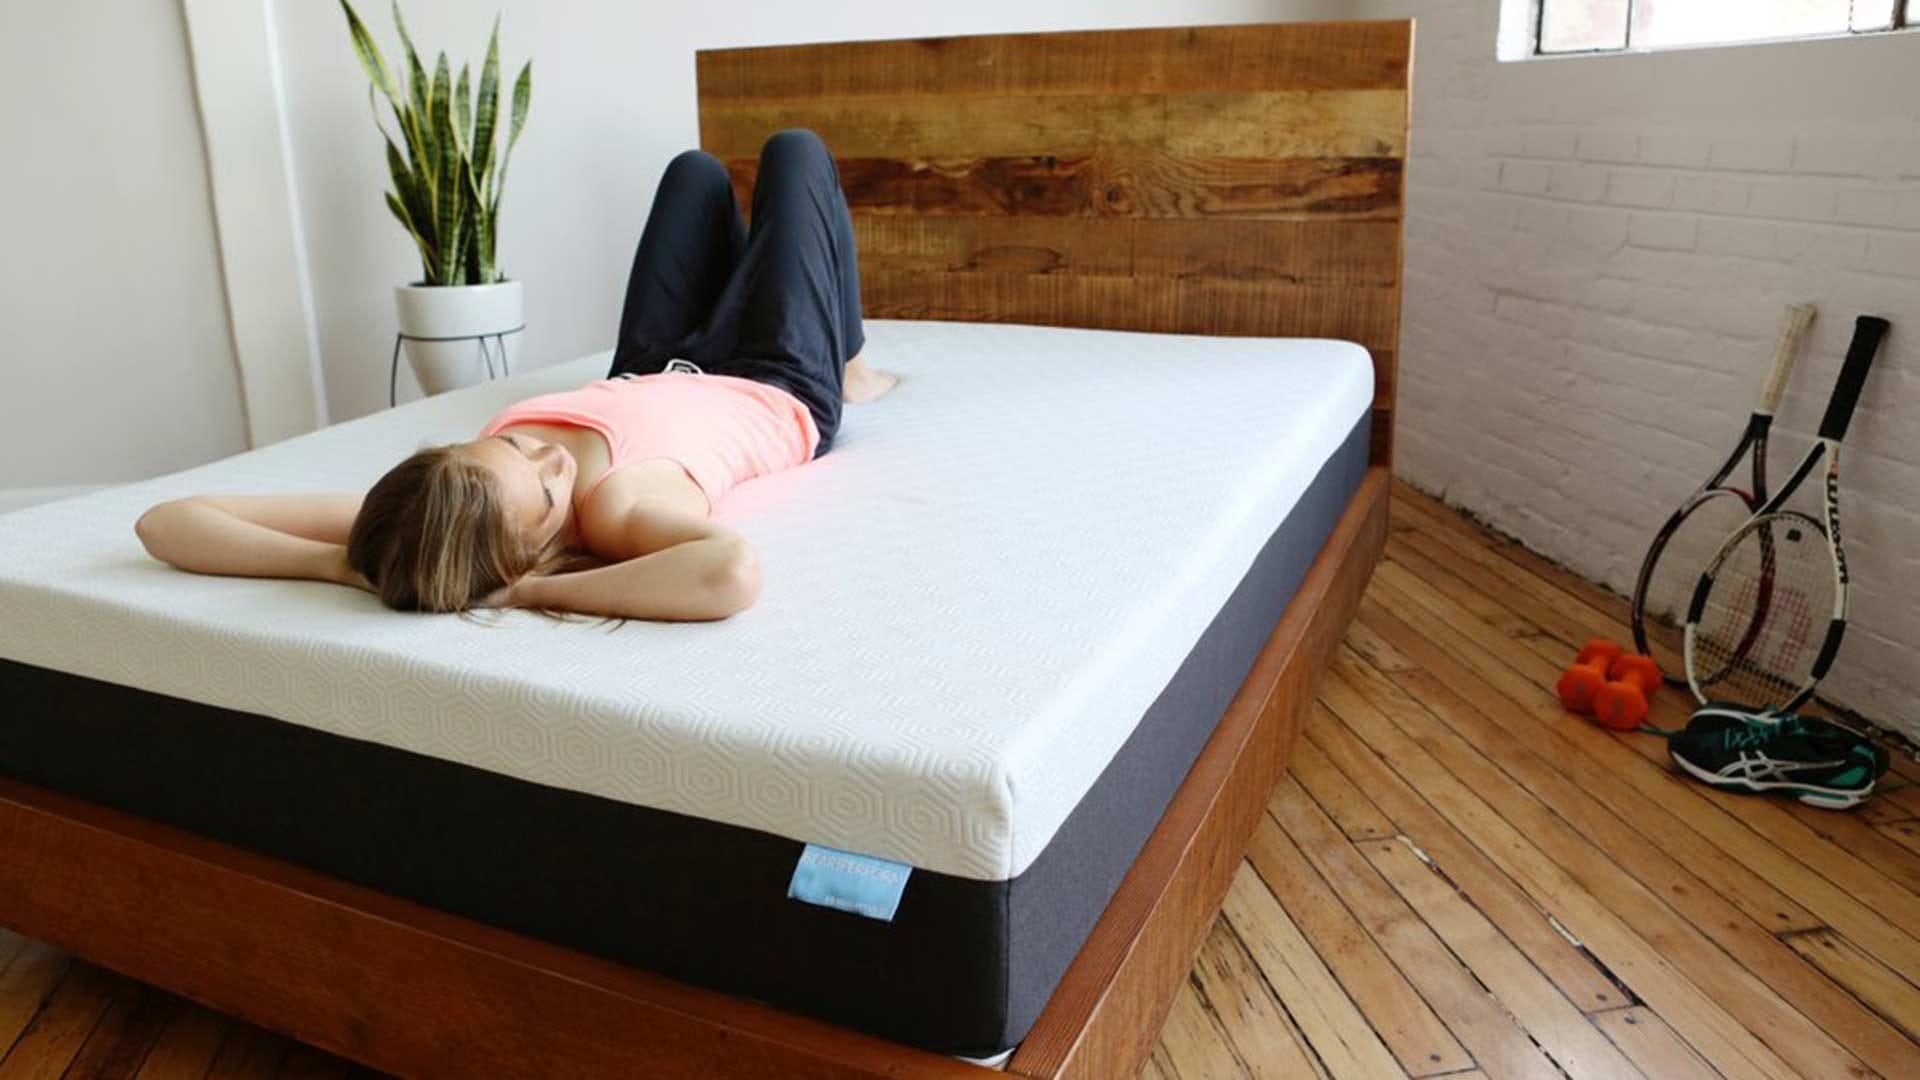 A woman laying on a Bear mattress.